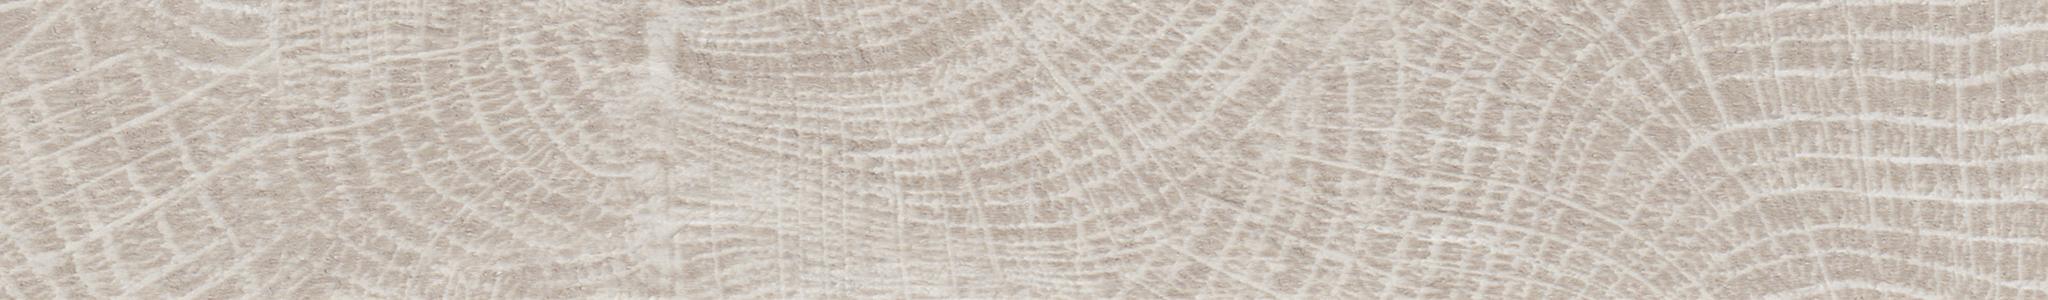 HD 242336 ABS hrana dub end-grain